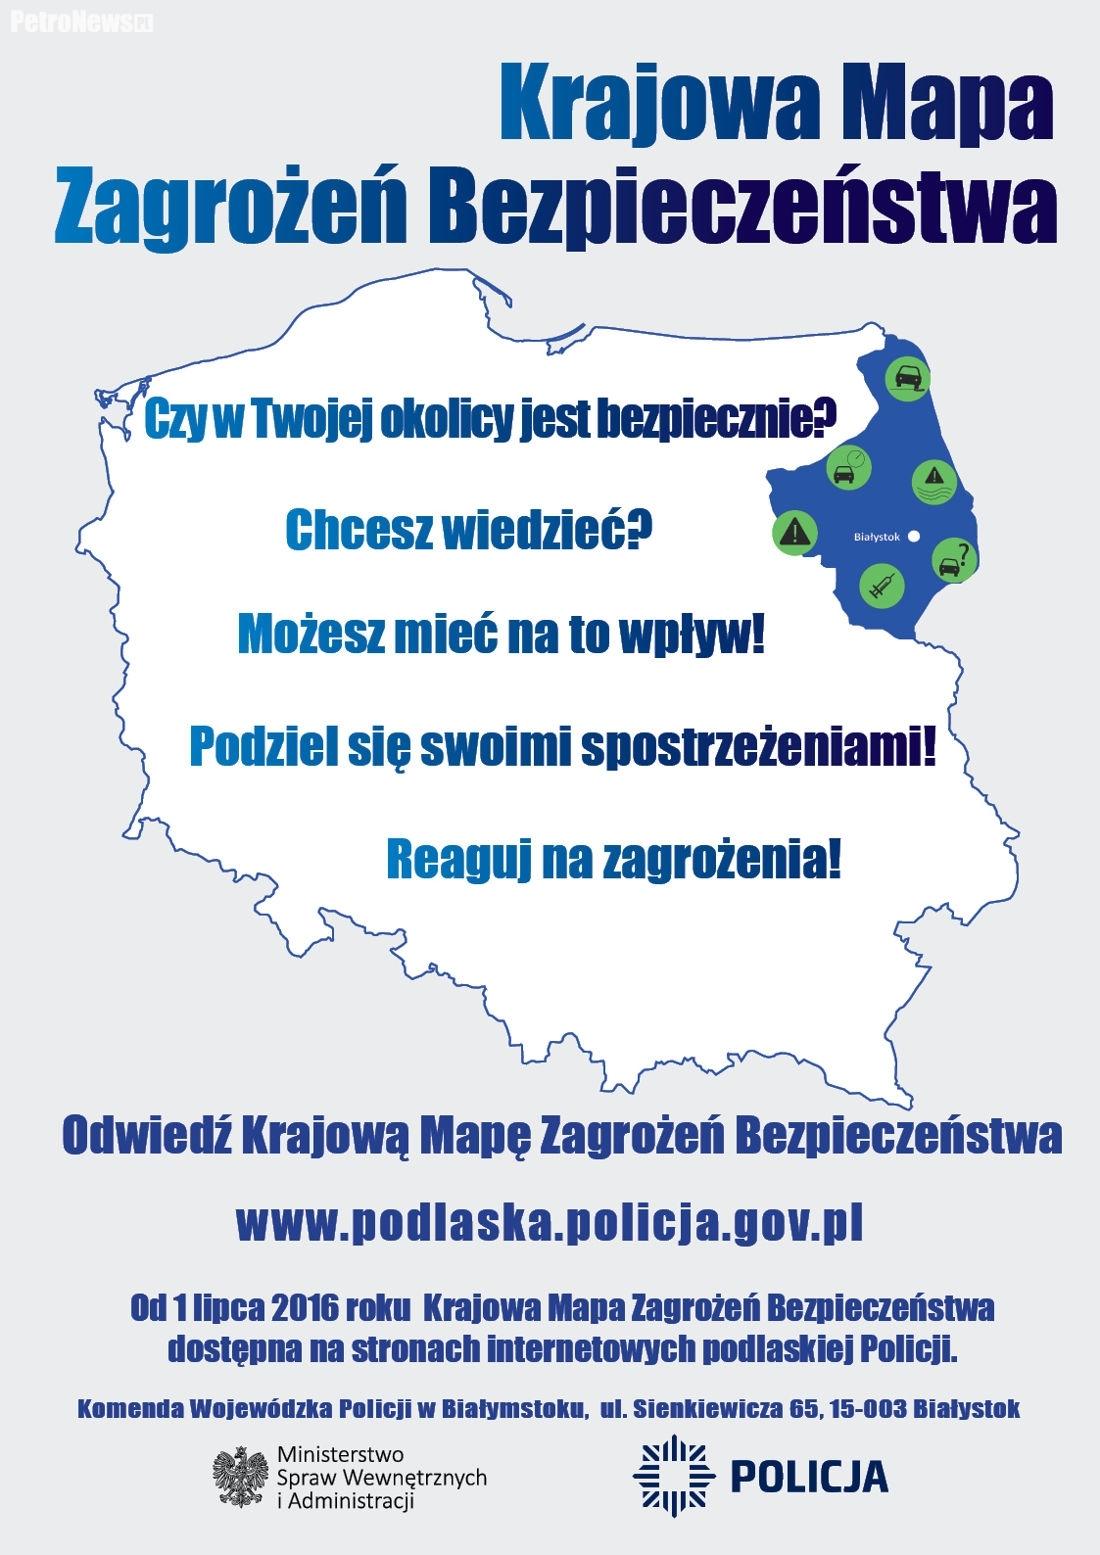 krajowa-mapa-zagrozen-bezpieczenstwa